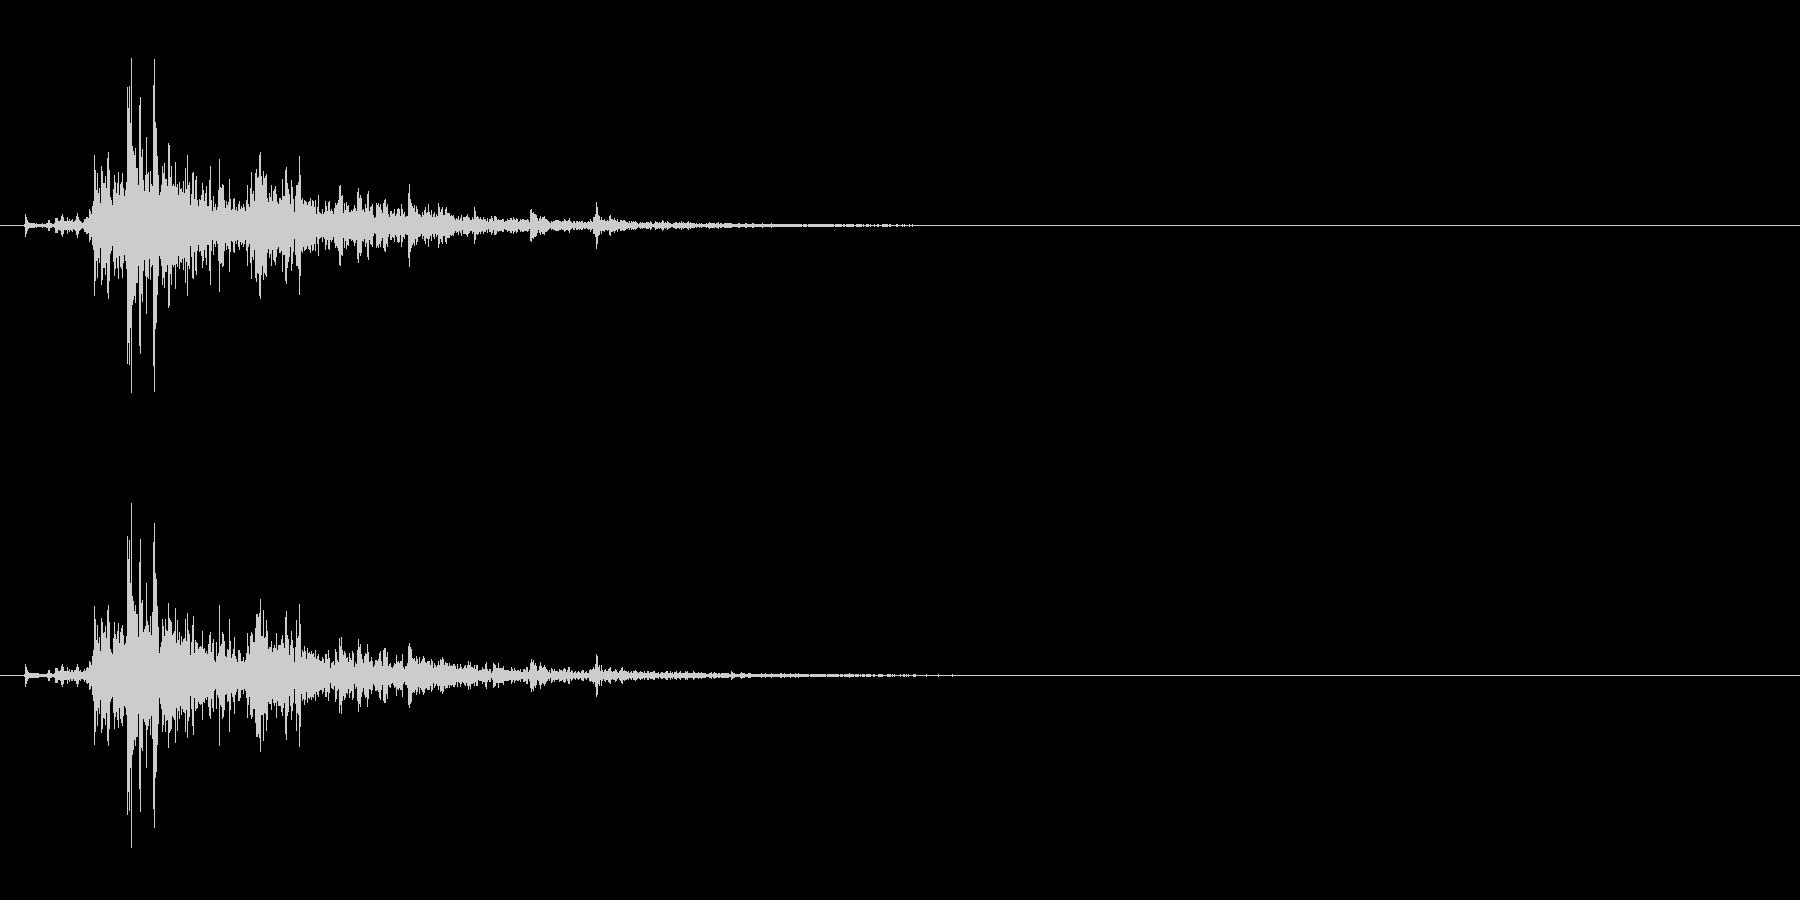 「シャン!」ウッドチャイム単発音リバーブの未再生の波形